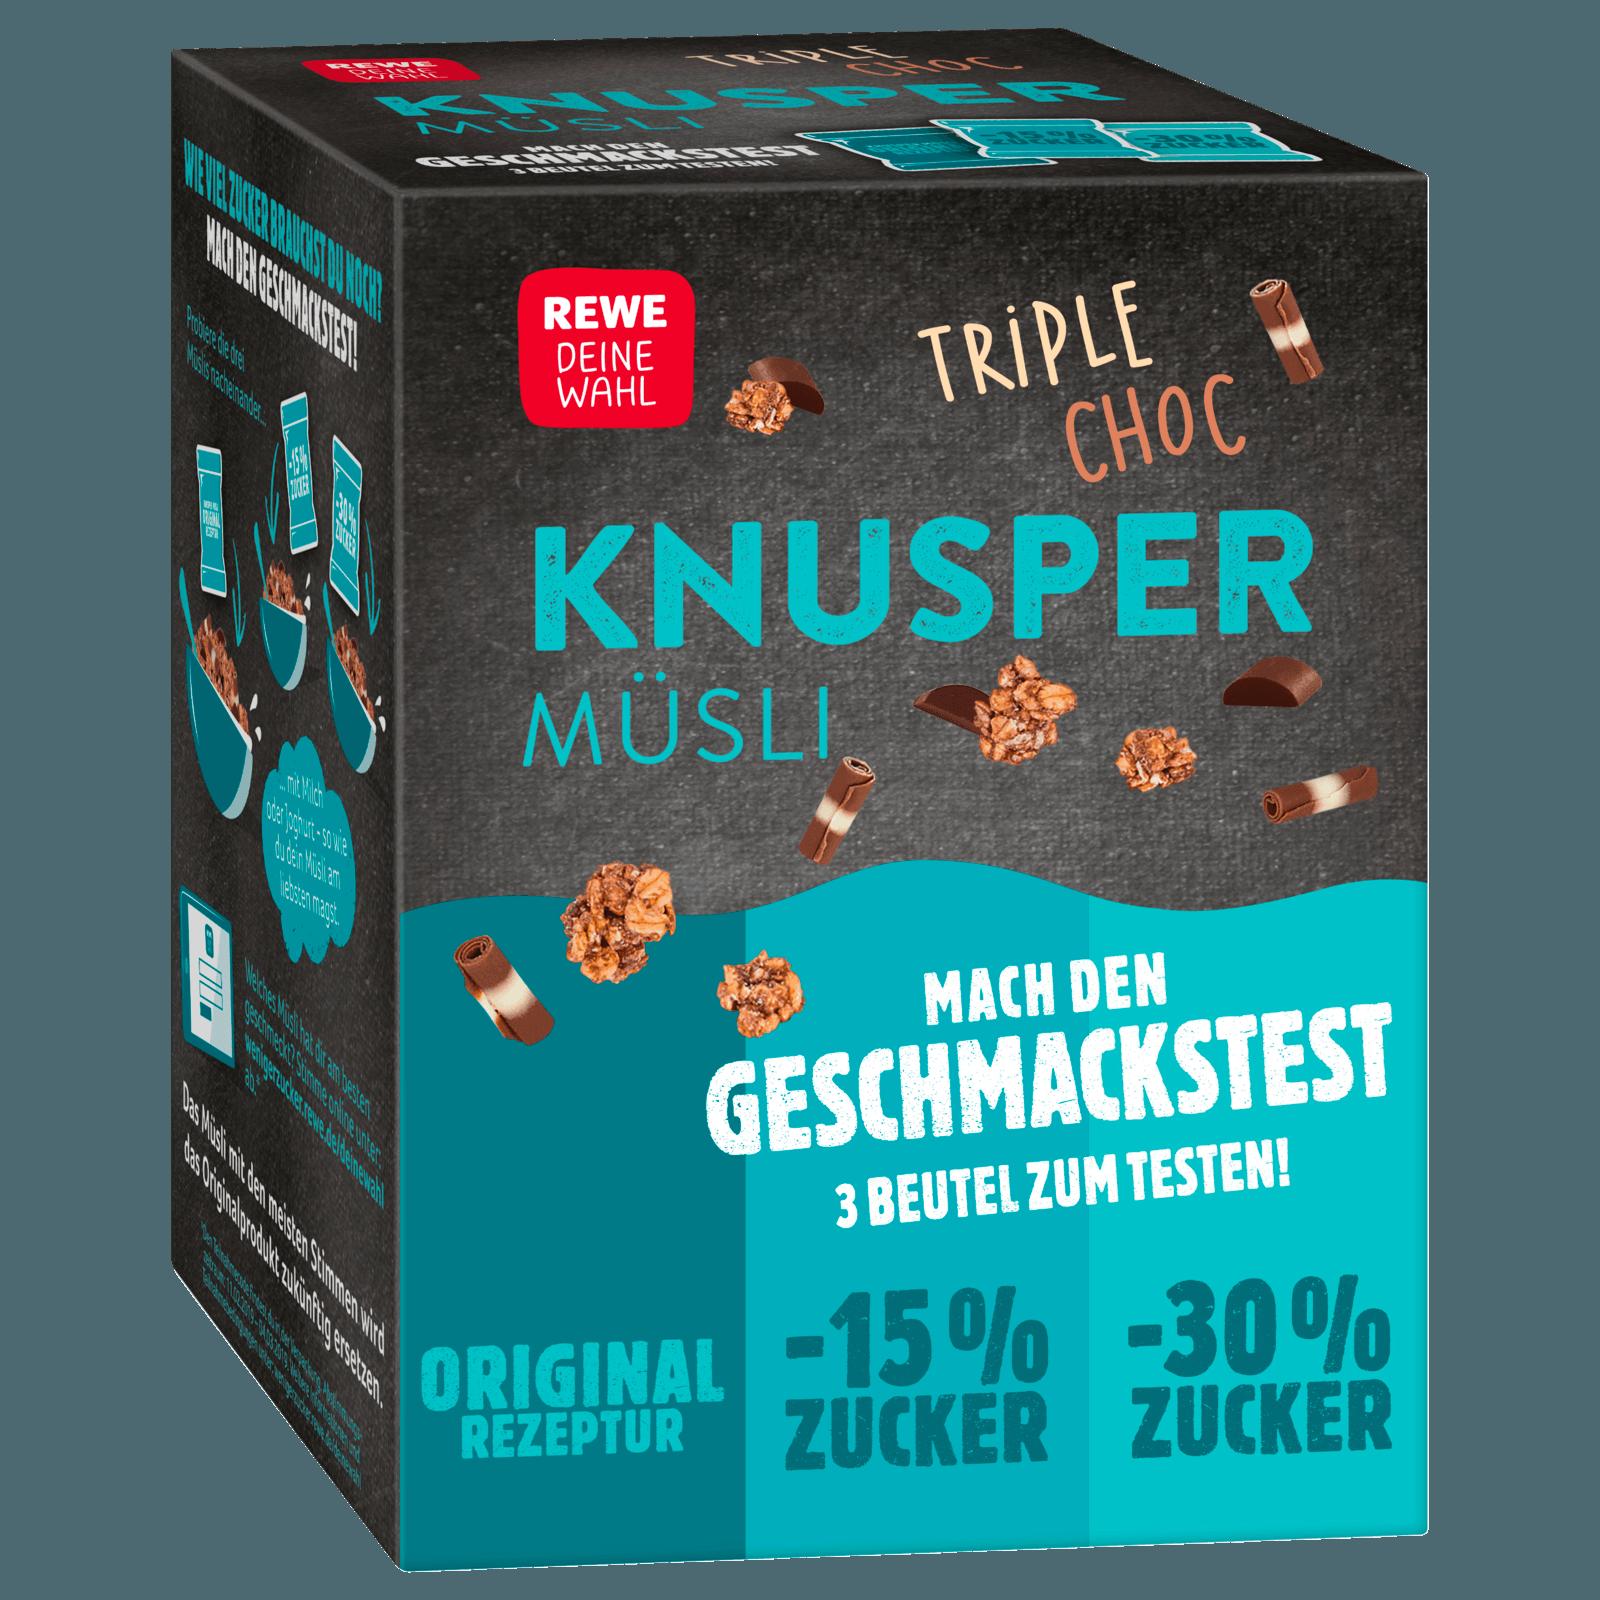 REWE Deine Wahl Knuspermüsli Triple Choc Probierpaket 255g